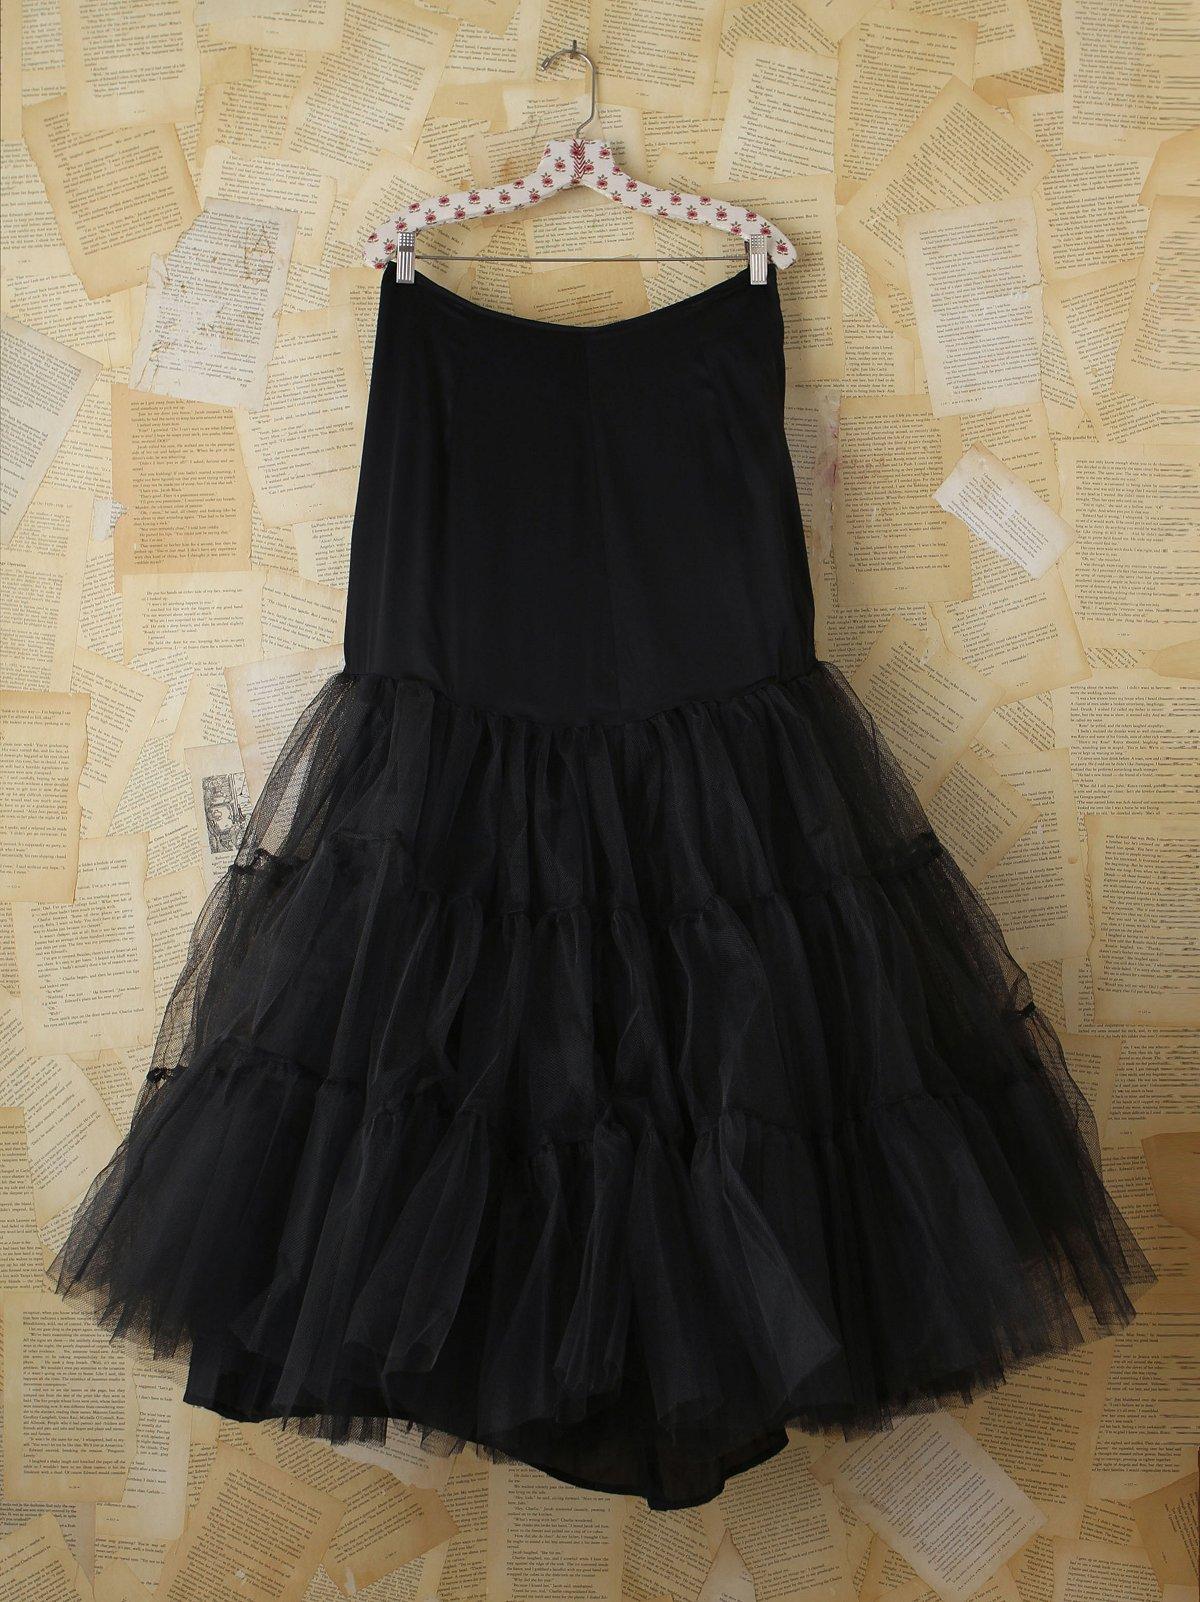 Vintage Black Tulle Long Skirt